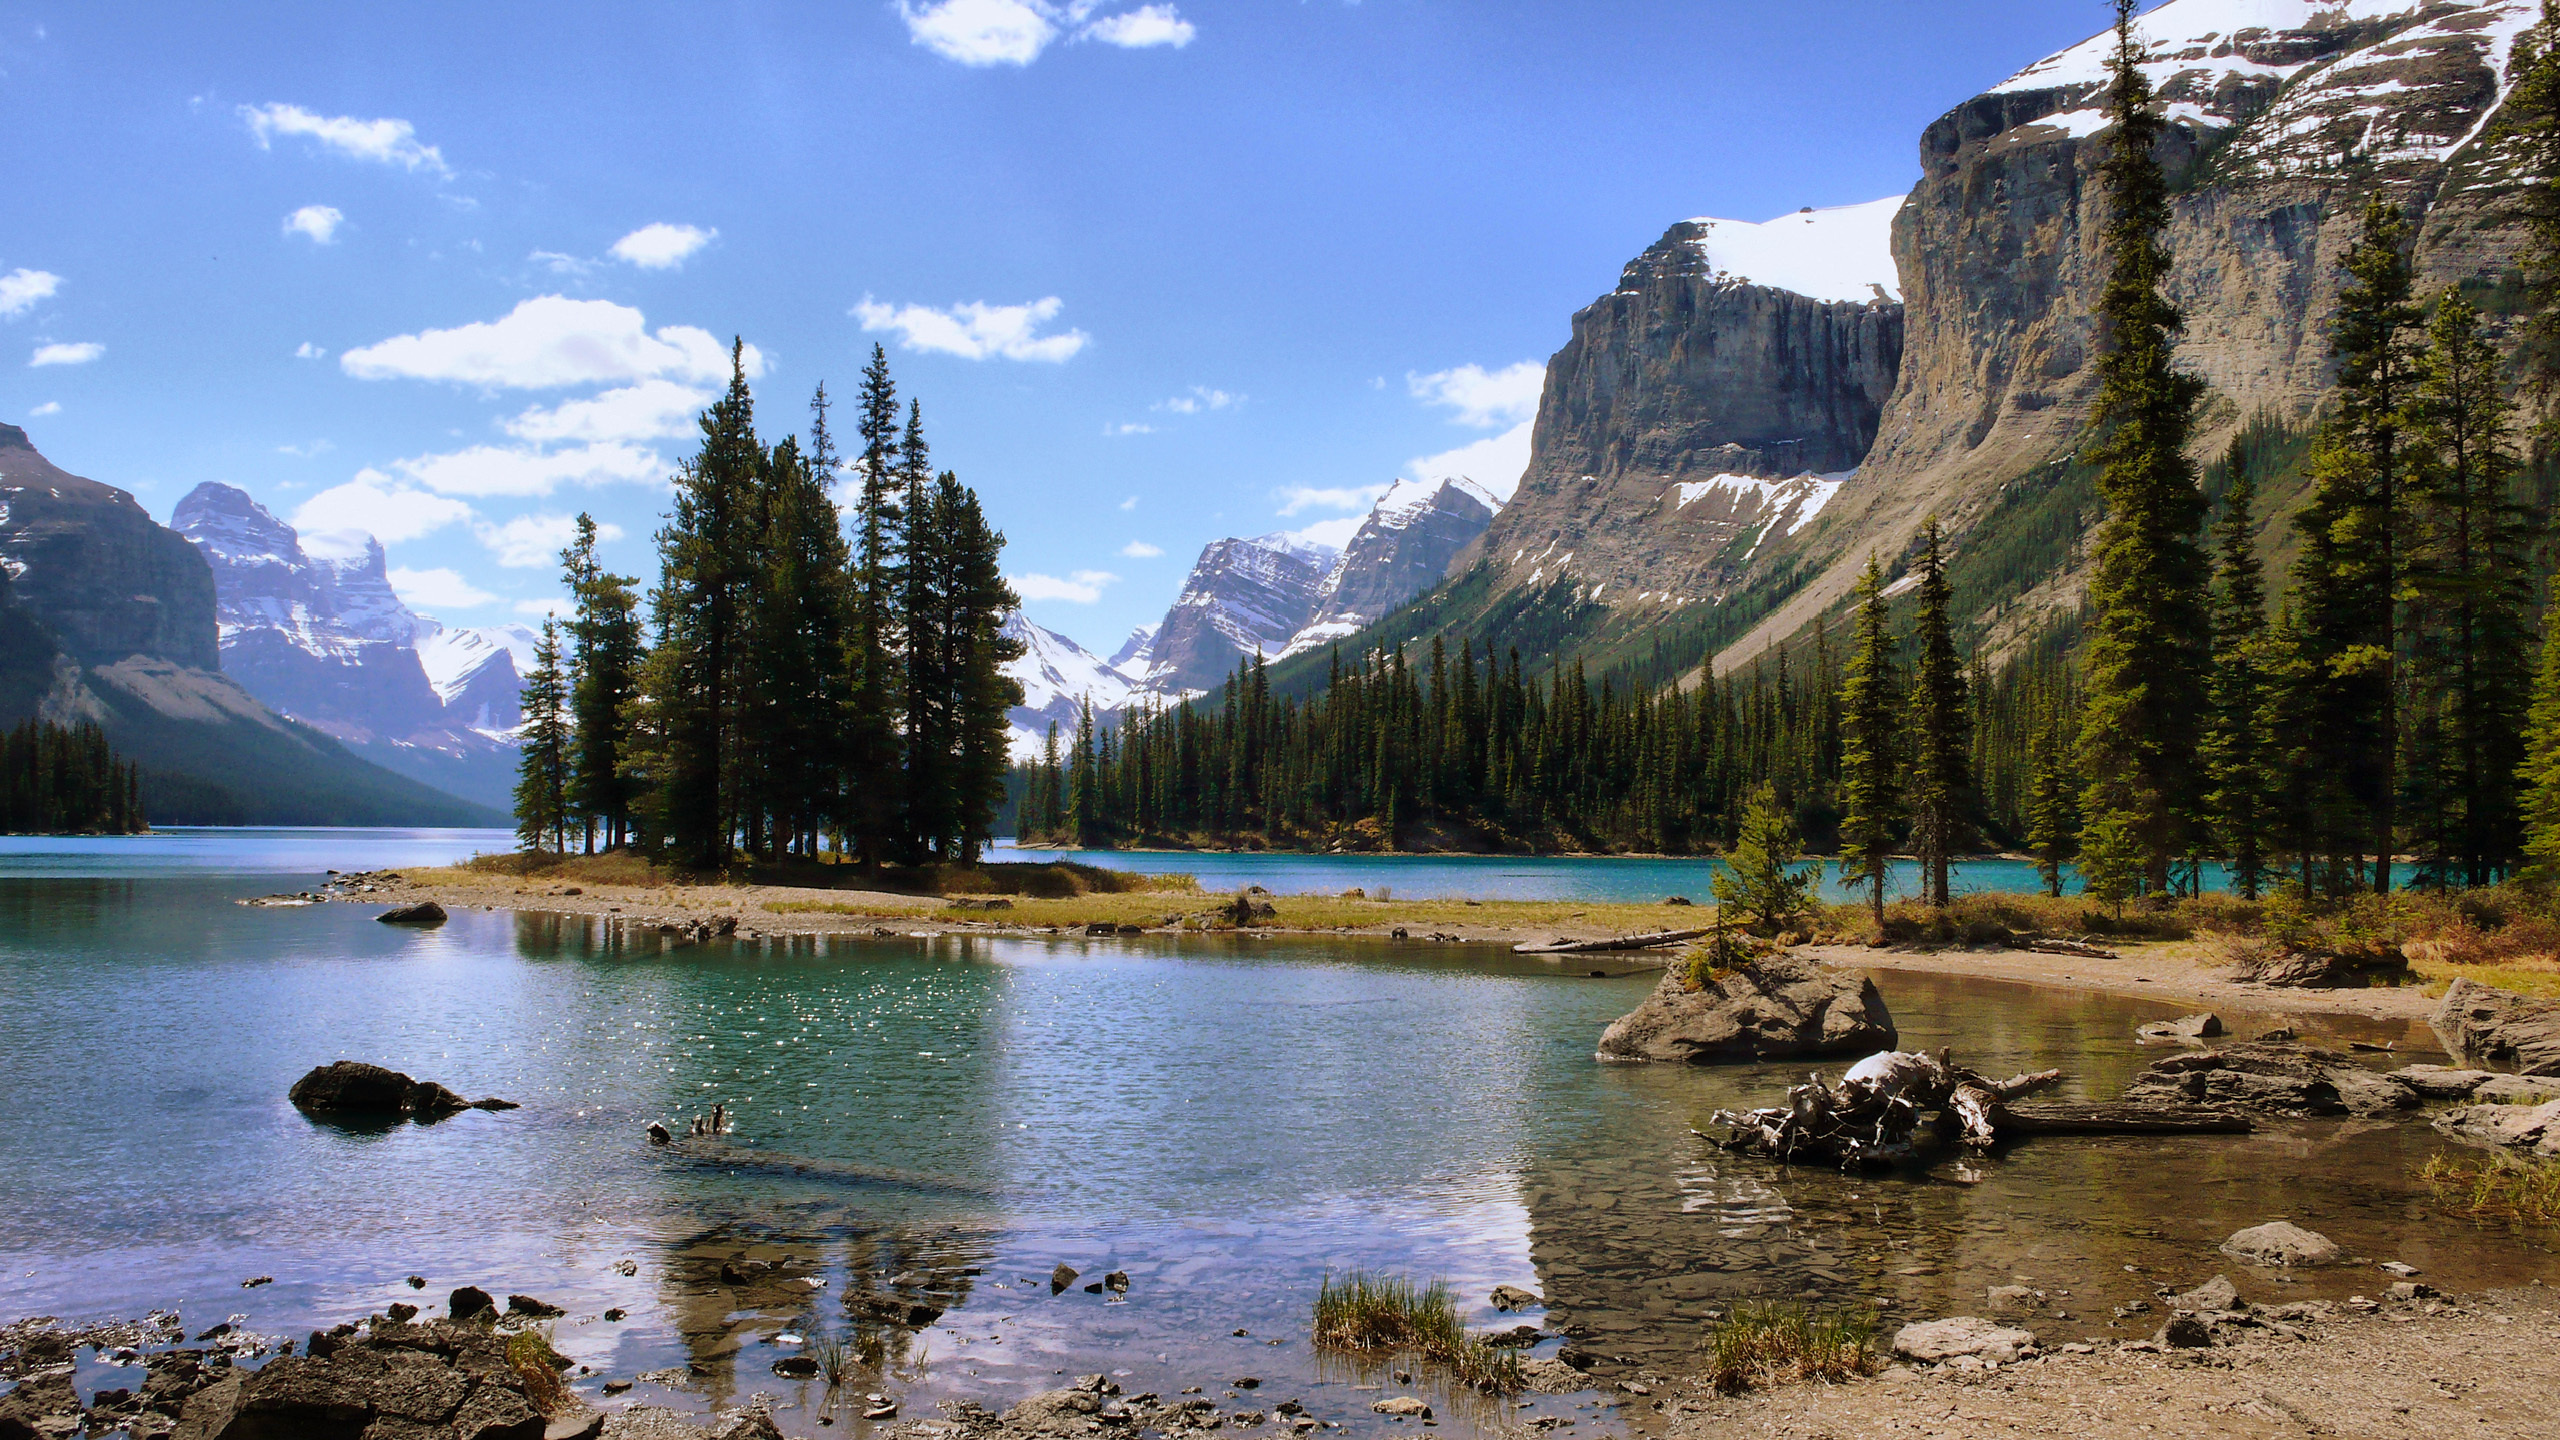 природа деревья озеро горы скалы nature trees the lake mountains rock  № 400432 загрузить